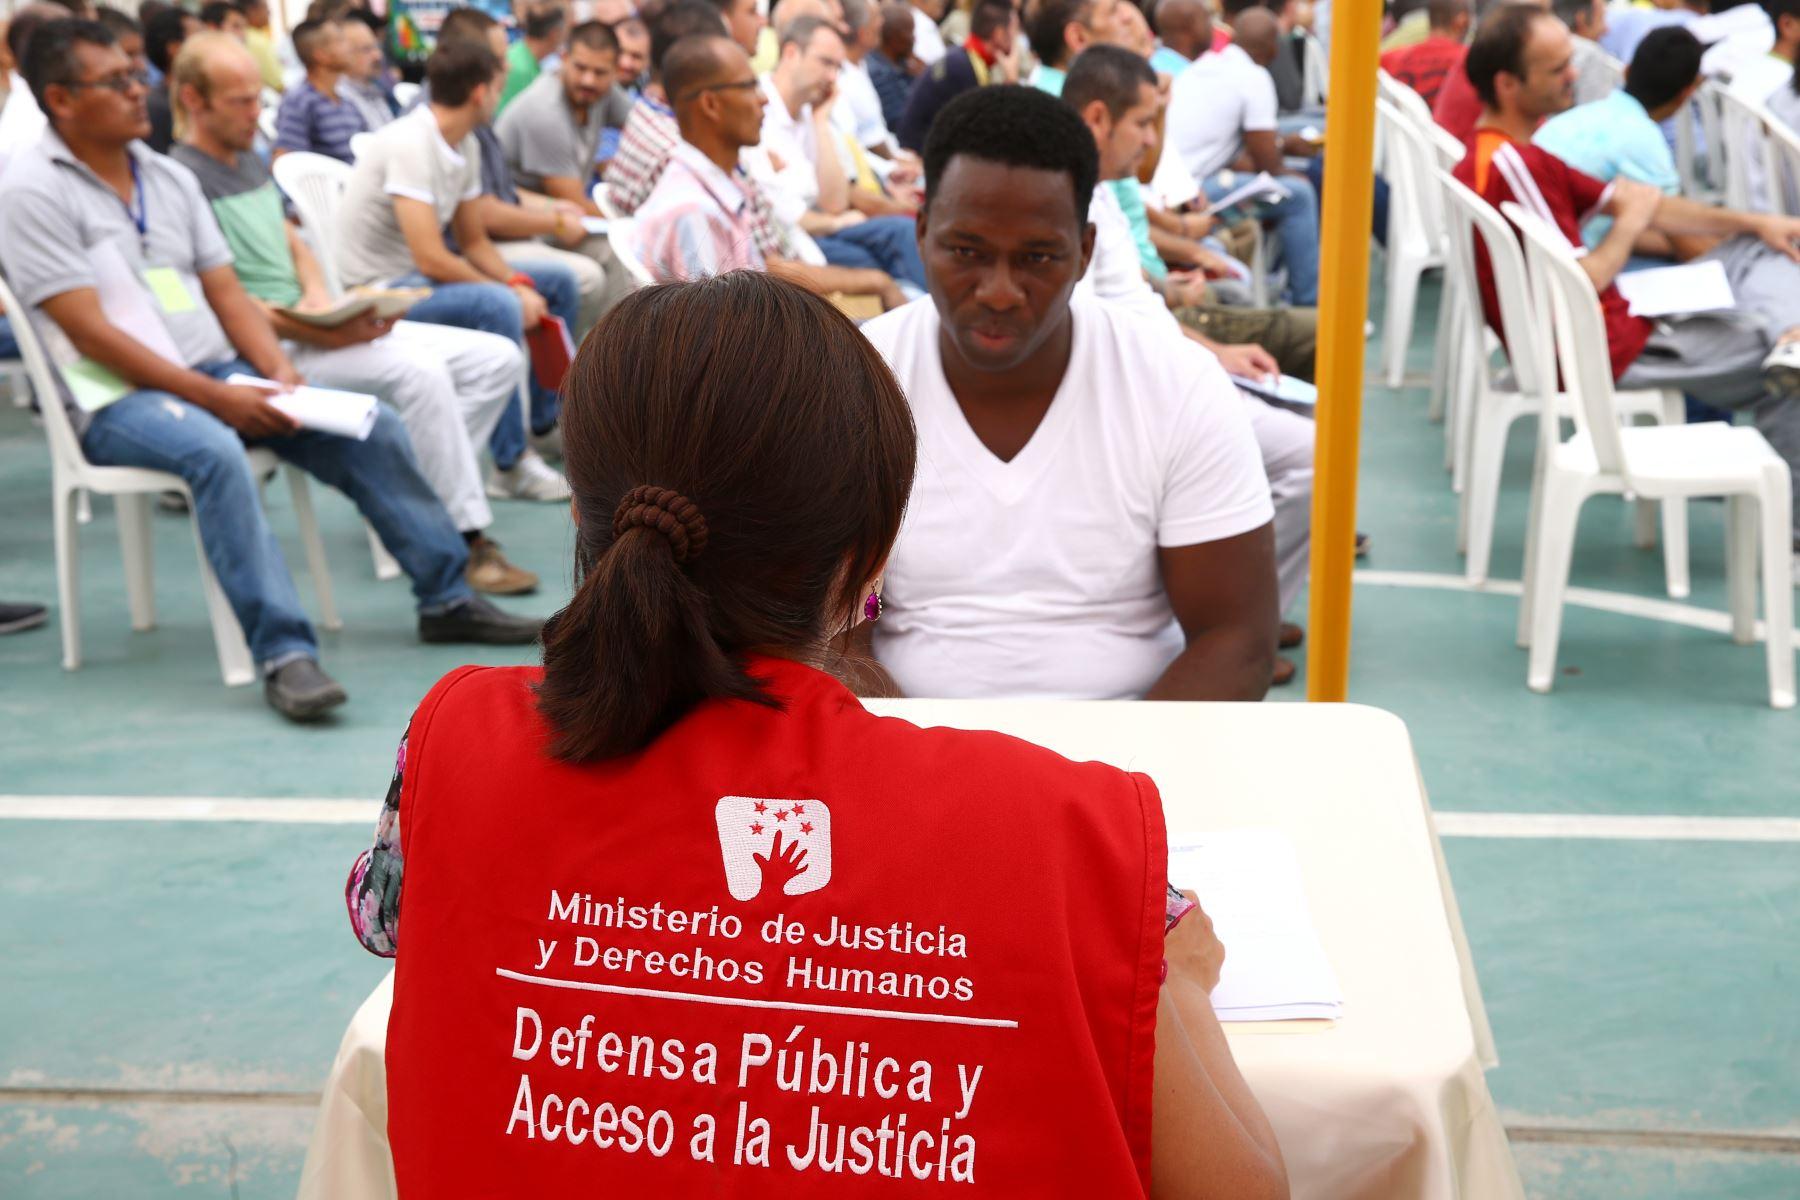 LIMA PERÚ - FEBRERO 22. Defensores públicos del Ministerio de Justicia asesoran a internos del penal Ancón II.  Foto: ANDINA/Melina Mejía